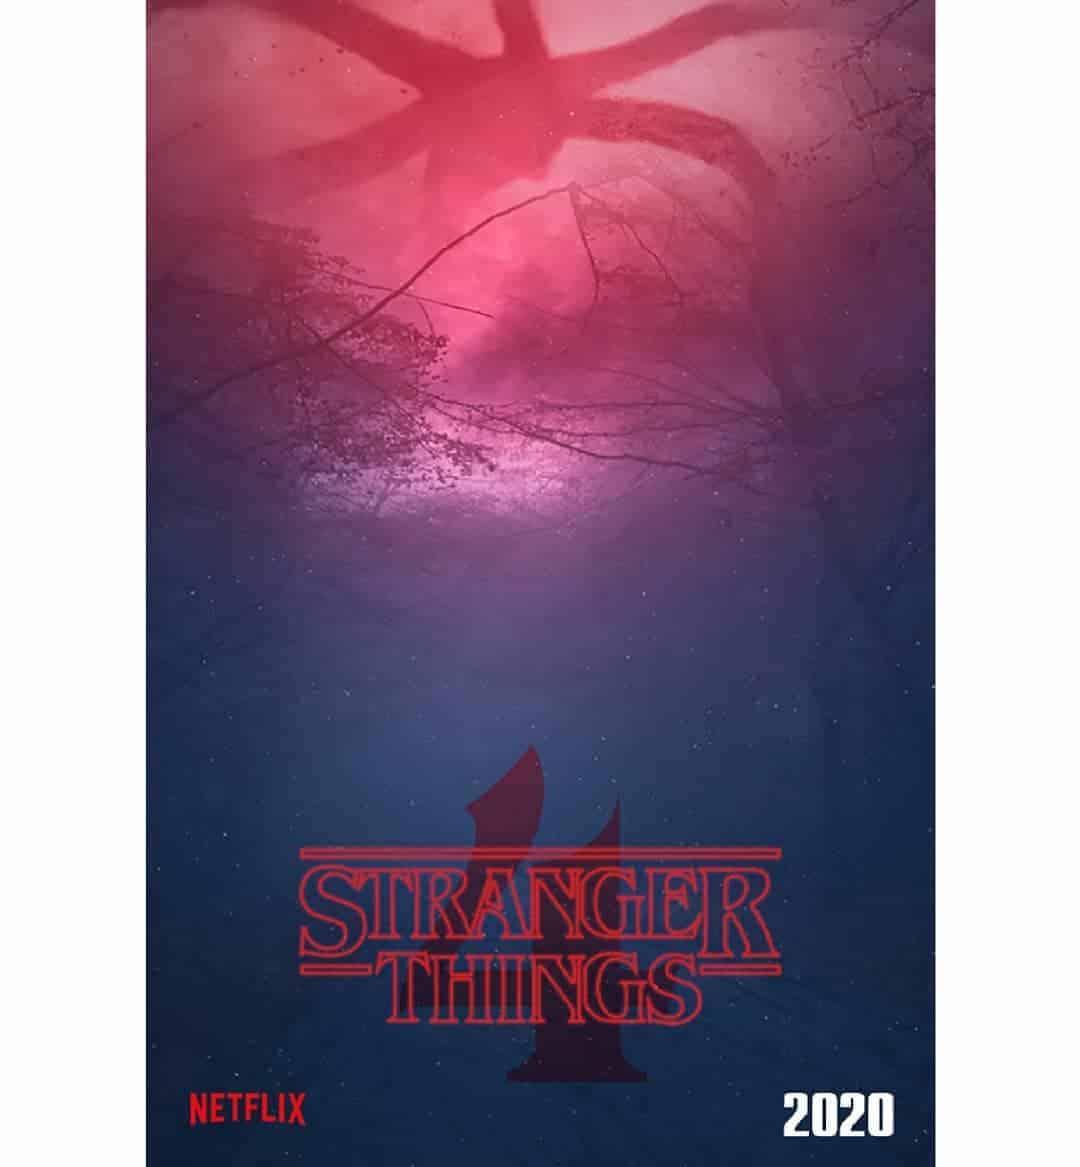 Stranger Things Season 4 's poster